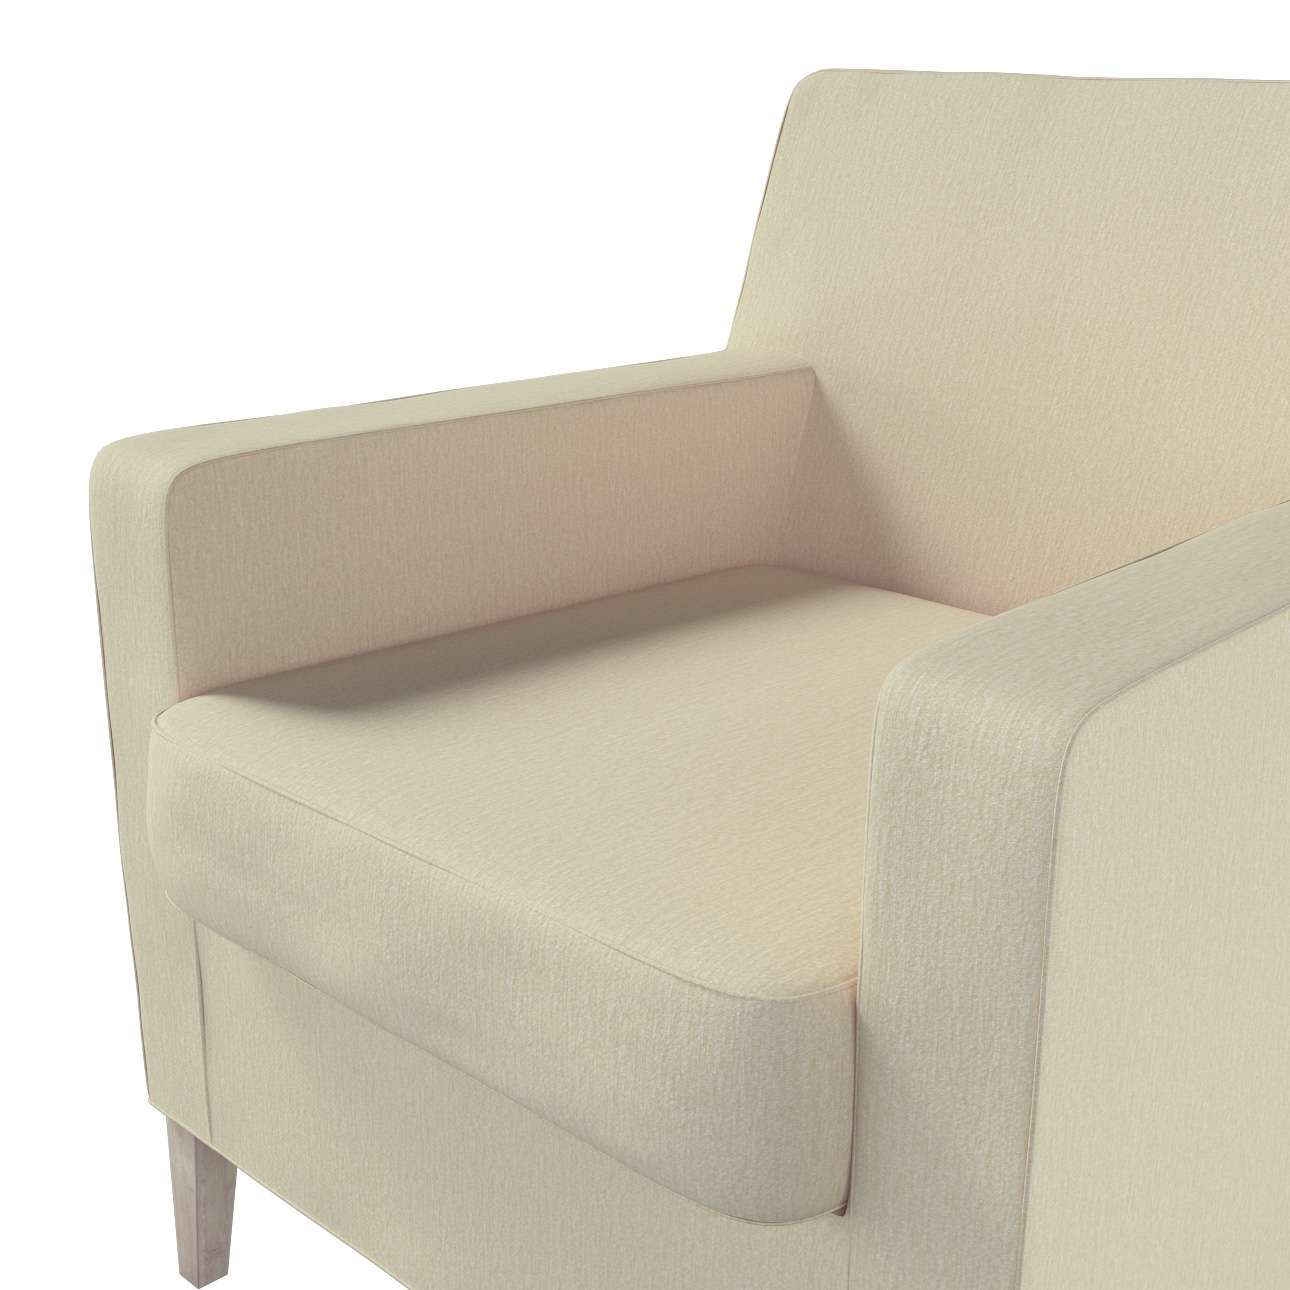 Pokrowiec na fotel Karlstad w kolekcji Chenille, tkanina: 702-22